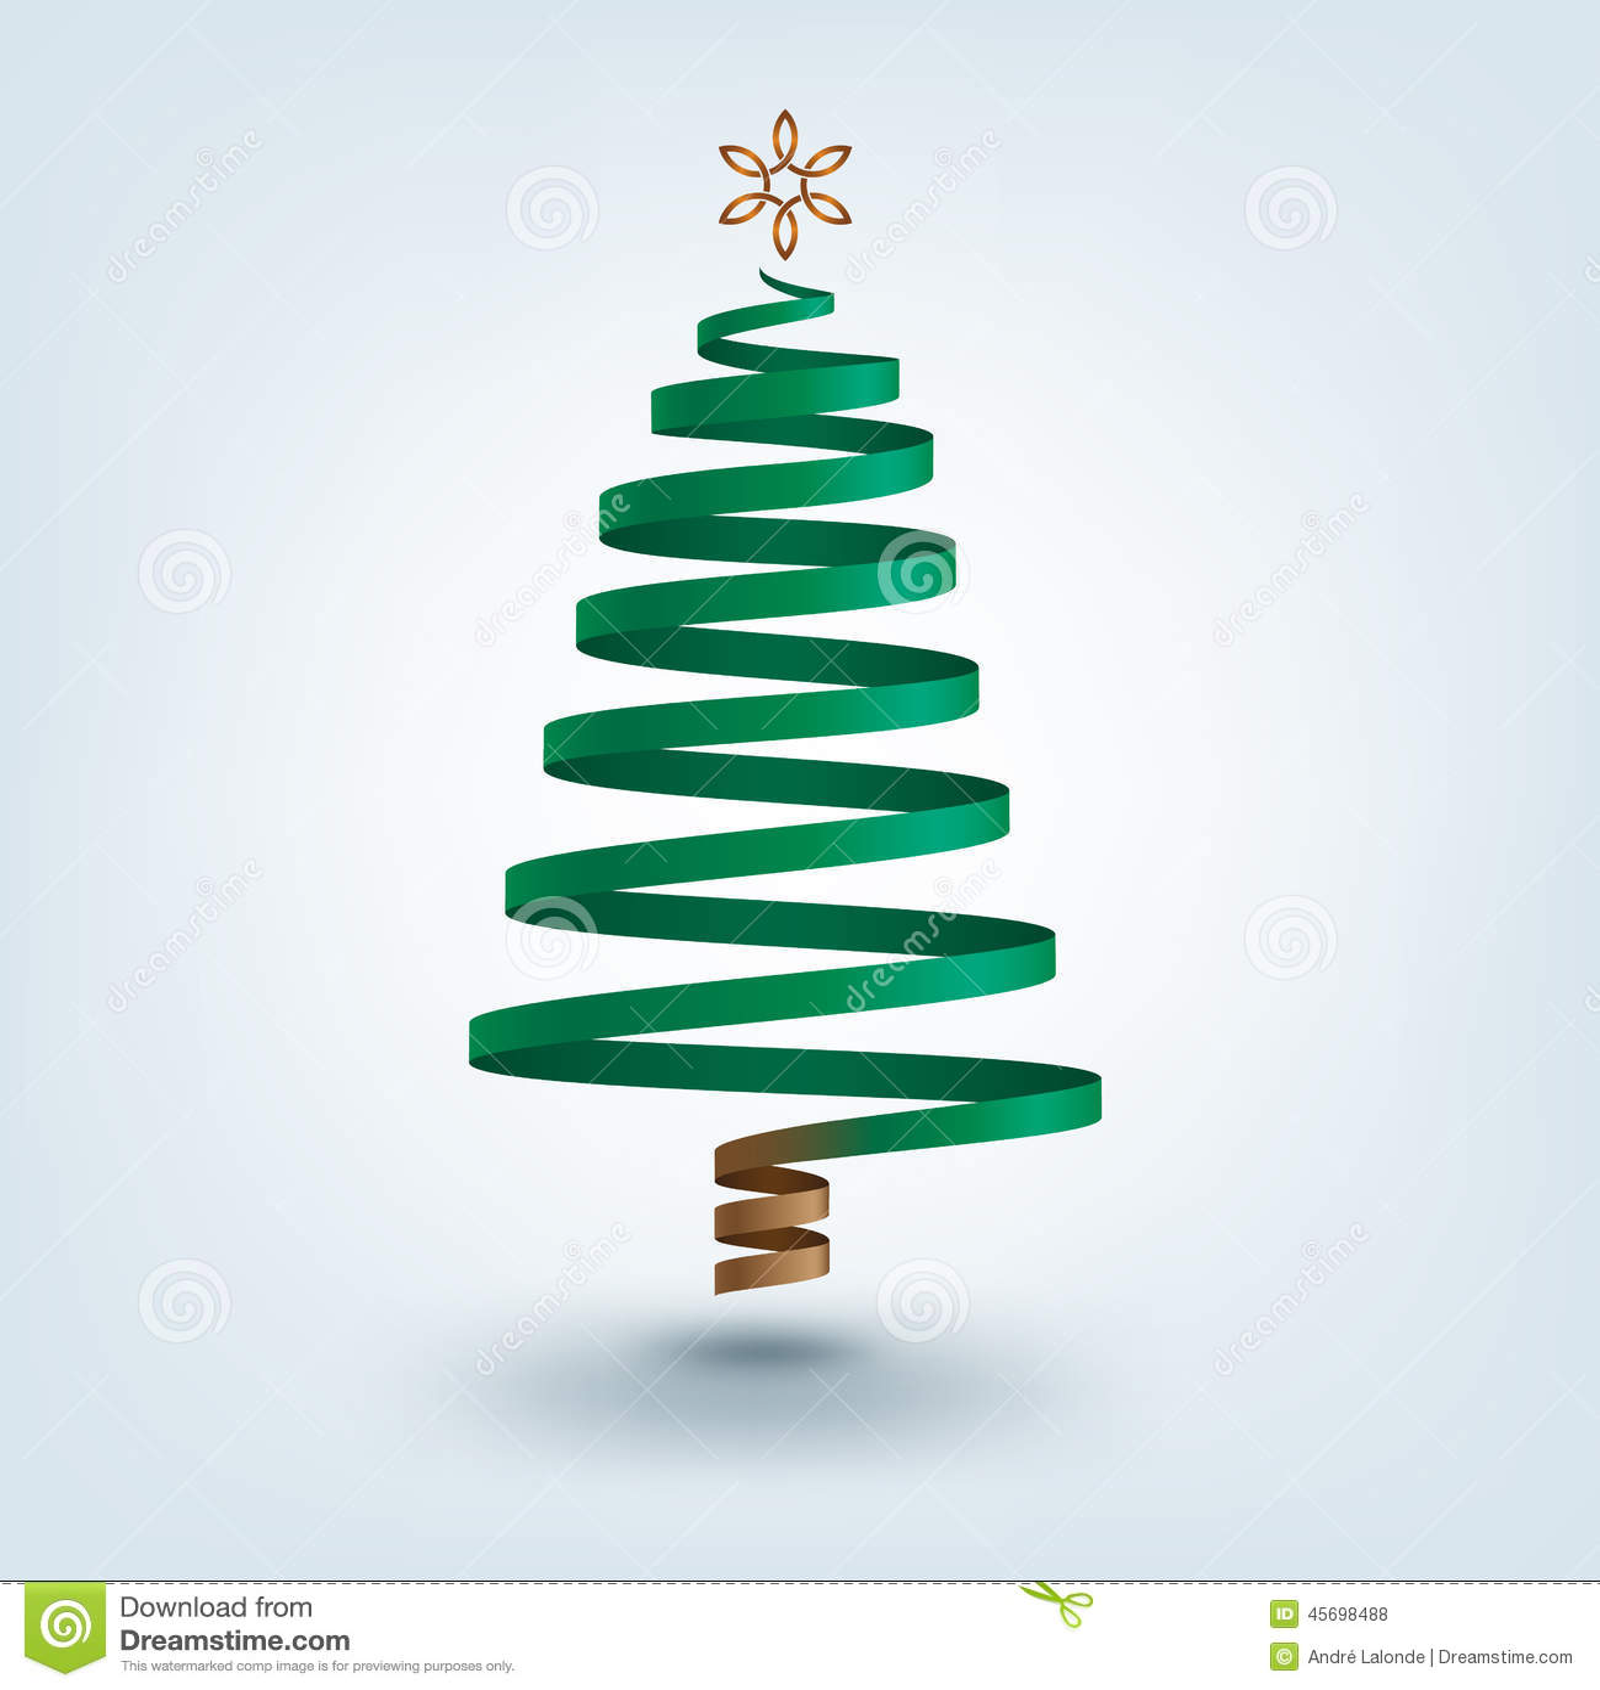 Rbol de navidad de la cinta ilustraci n del vector - Cinta arbol navidad ...